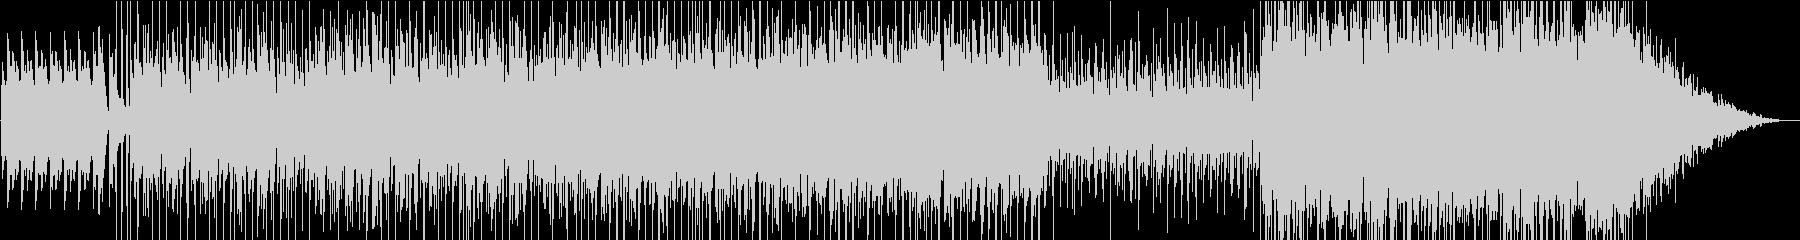 ラテン系のポップスの未再生の波形